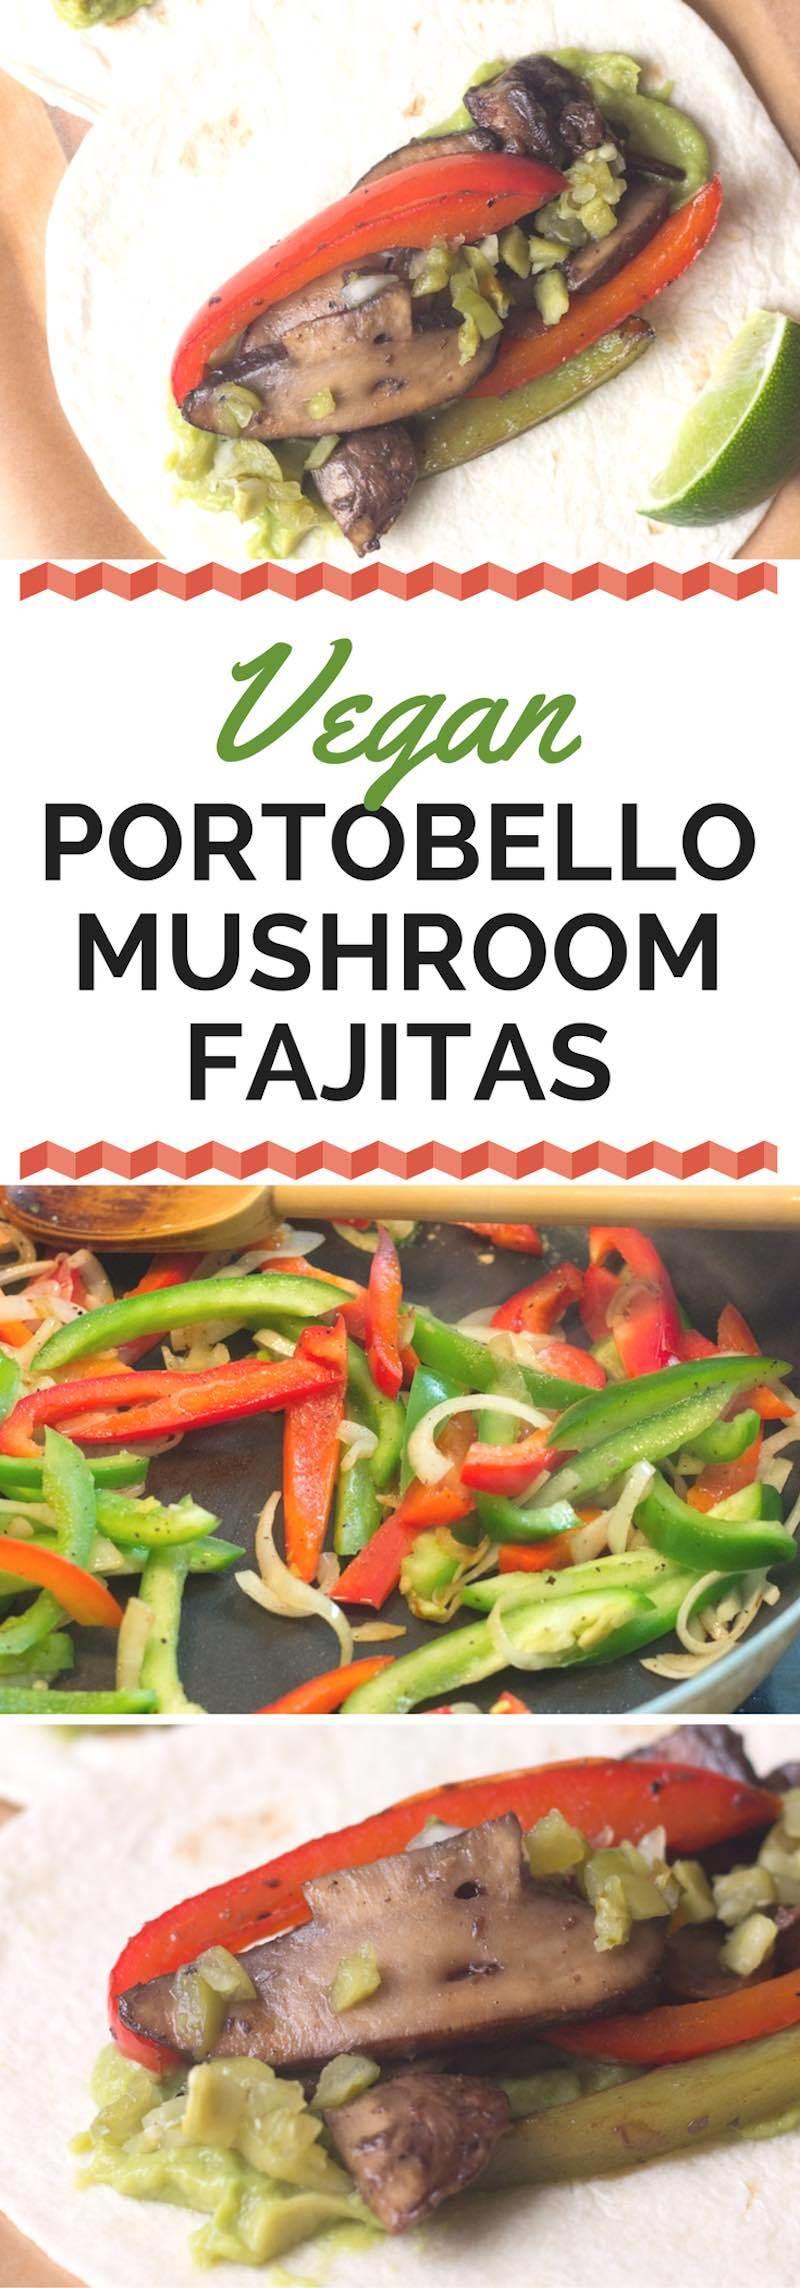 portobello mushroom fajitas